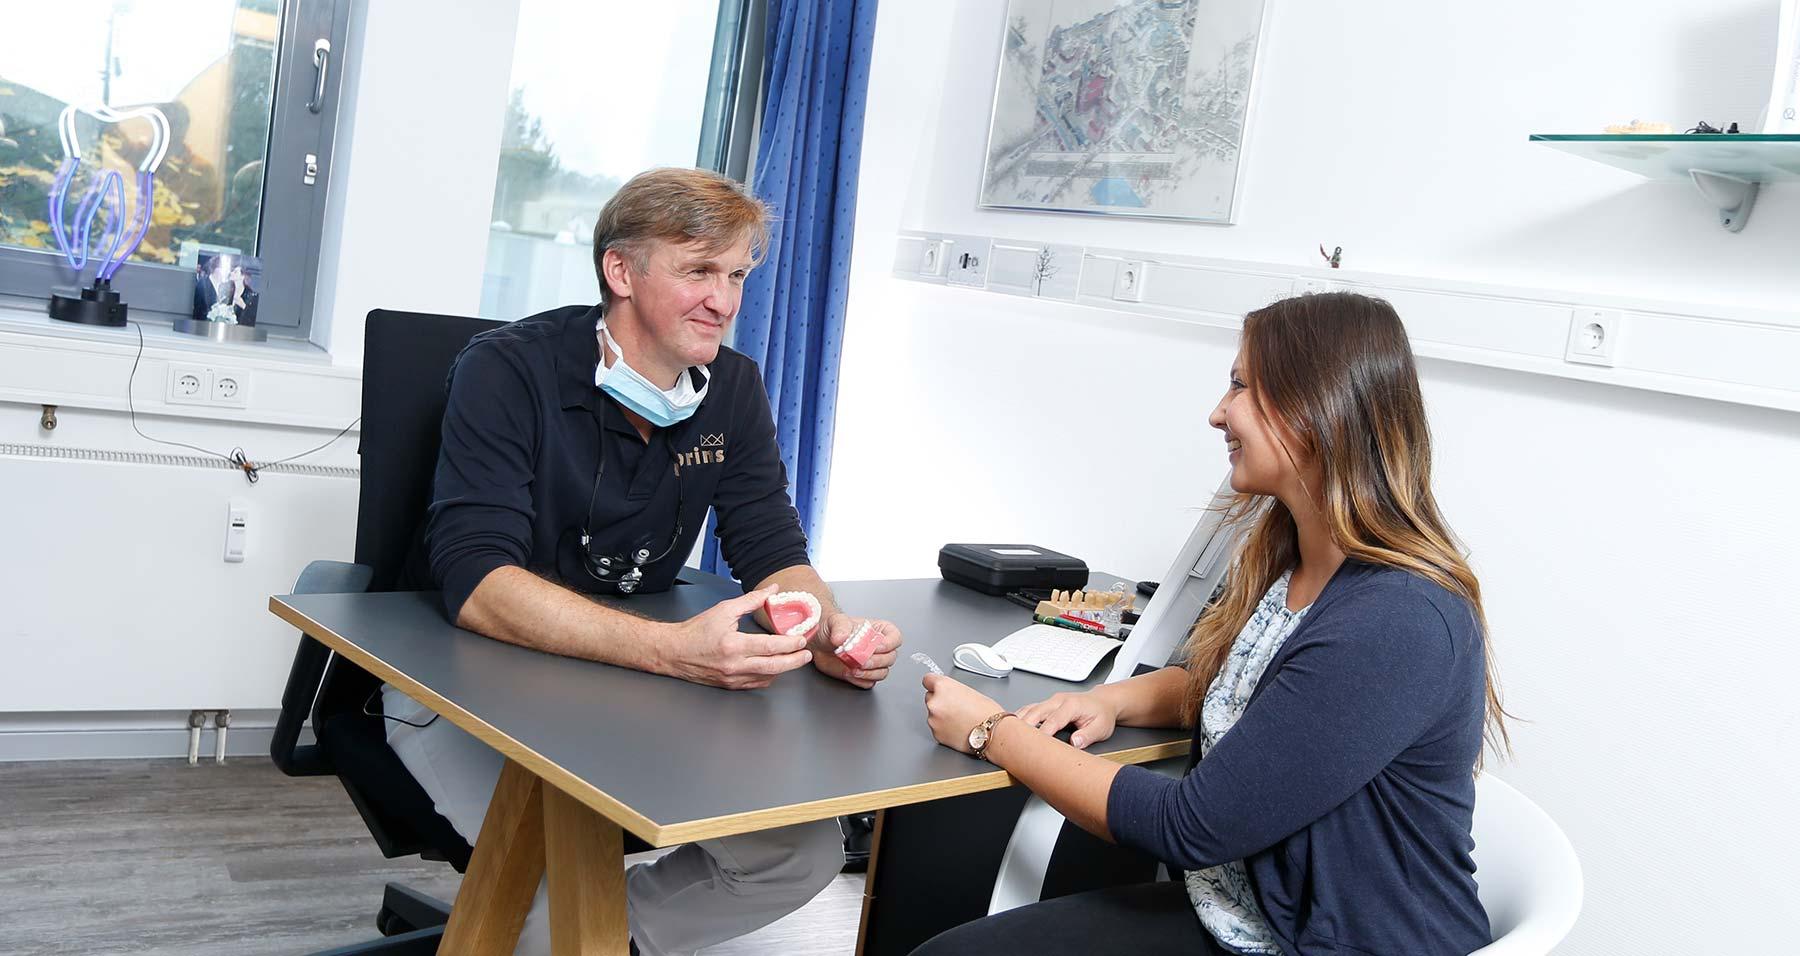 Uwe Prins berät Patientin zu unsichtbaren Zahnschienen Langenhagen